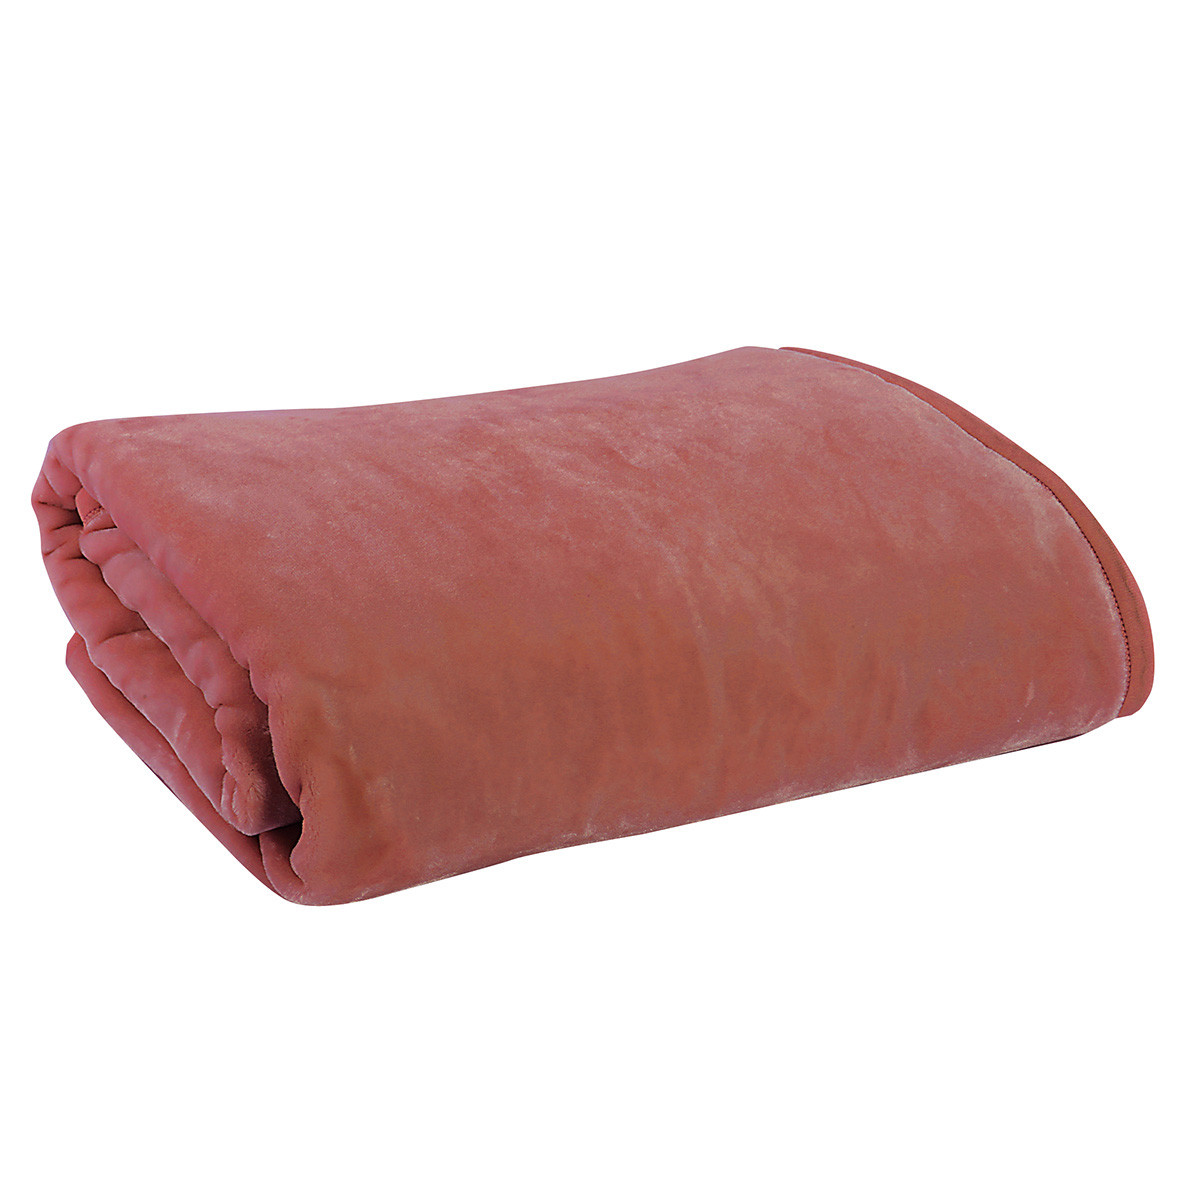 Κουβέρτα Βελουτέ Υπέρδιπλη Nef-Nef Loft 1111 Terracota home   κρεβατοκάμαρα   κουβέρτες   κουβέρτες βελουτέ υπέρδιπλες